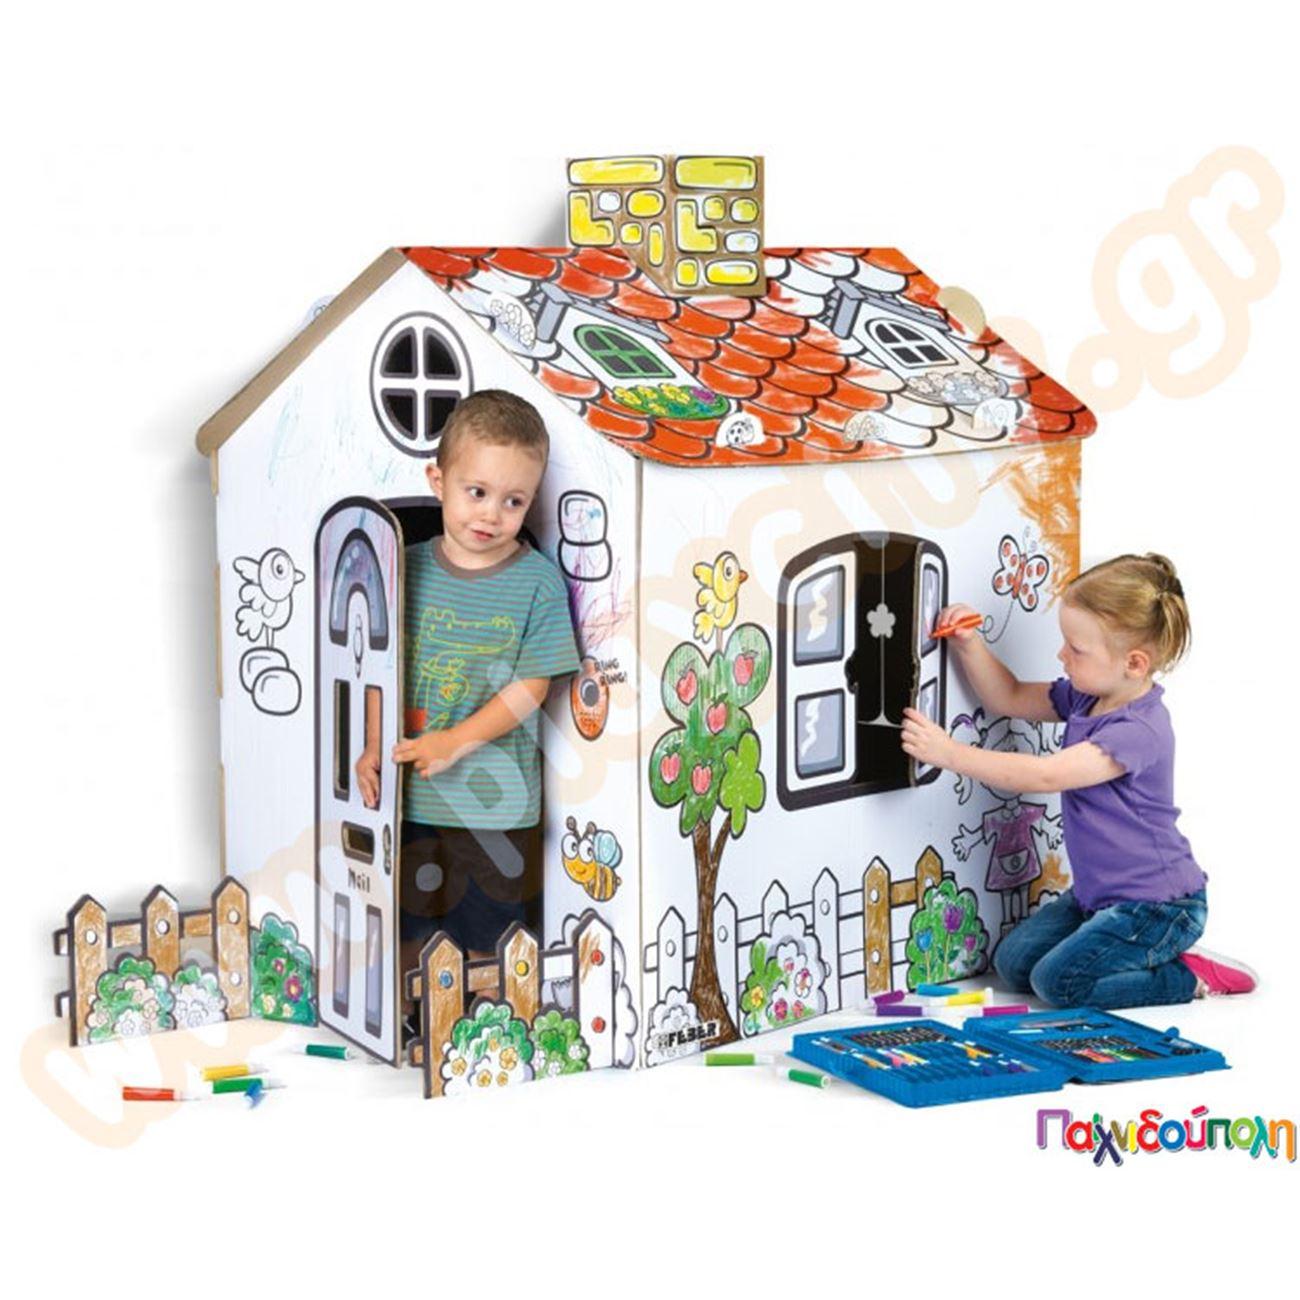 775ba9bc0751 Παιδικά Σπιτάκια - Κάστρα   Παιδικές Χαρές - Παιχνίδια Κήπου ...